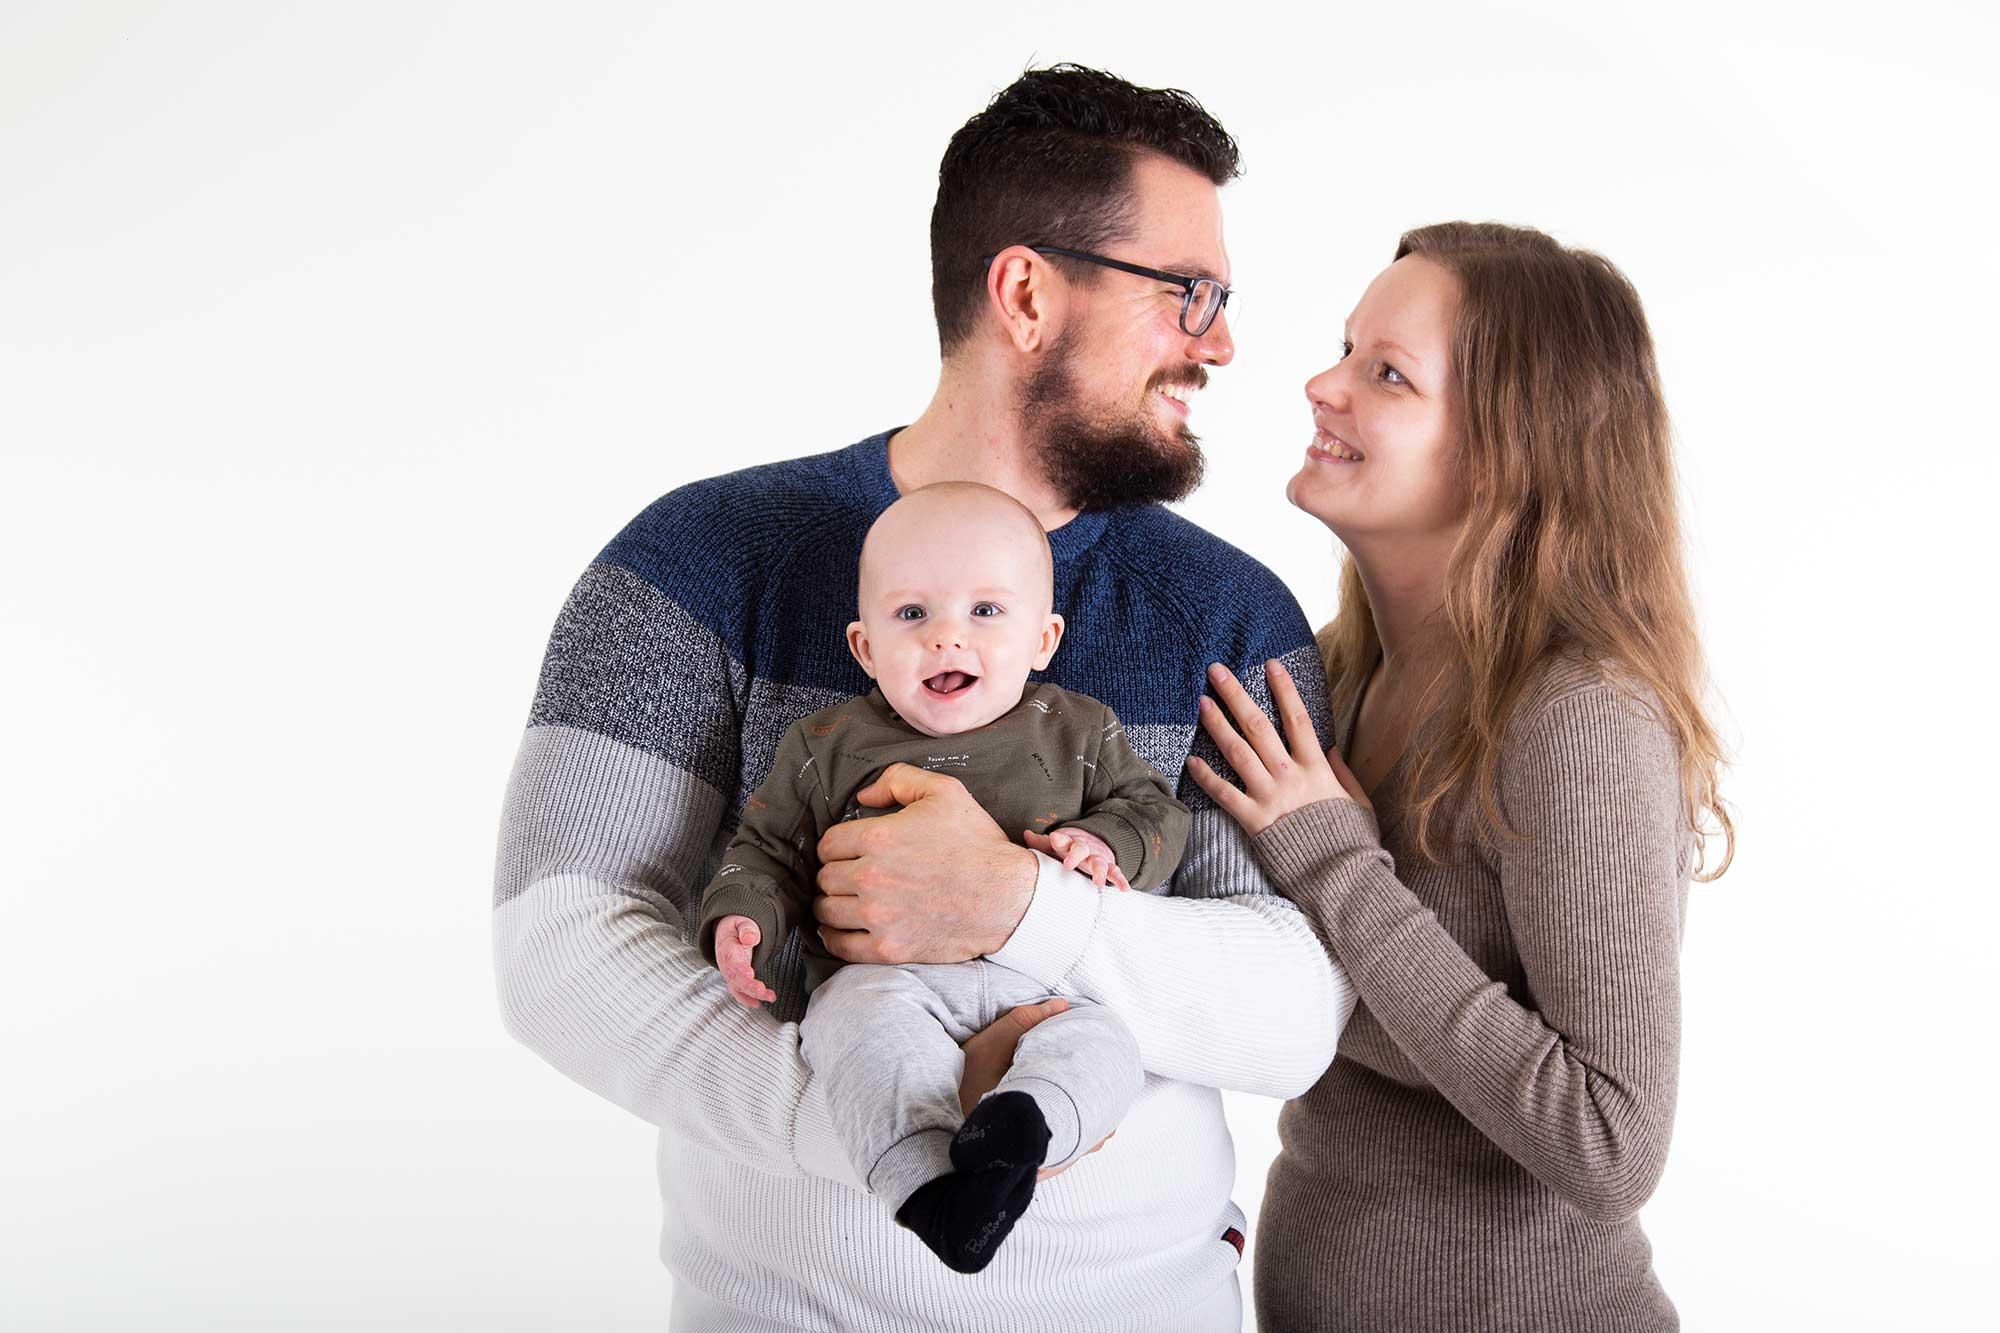 professionele fotoshoot kindje vijf maanden